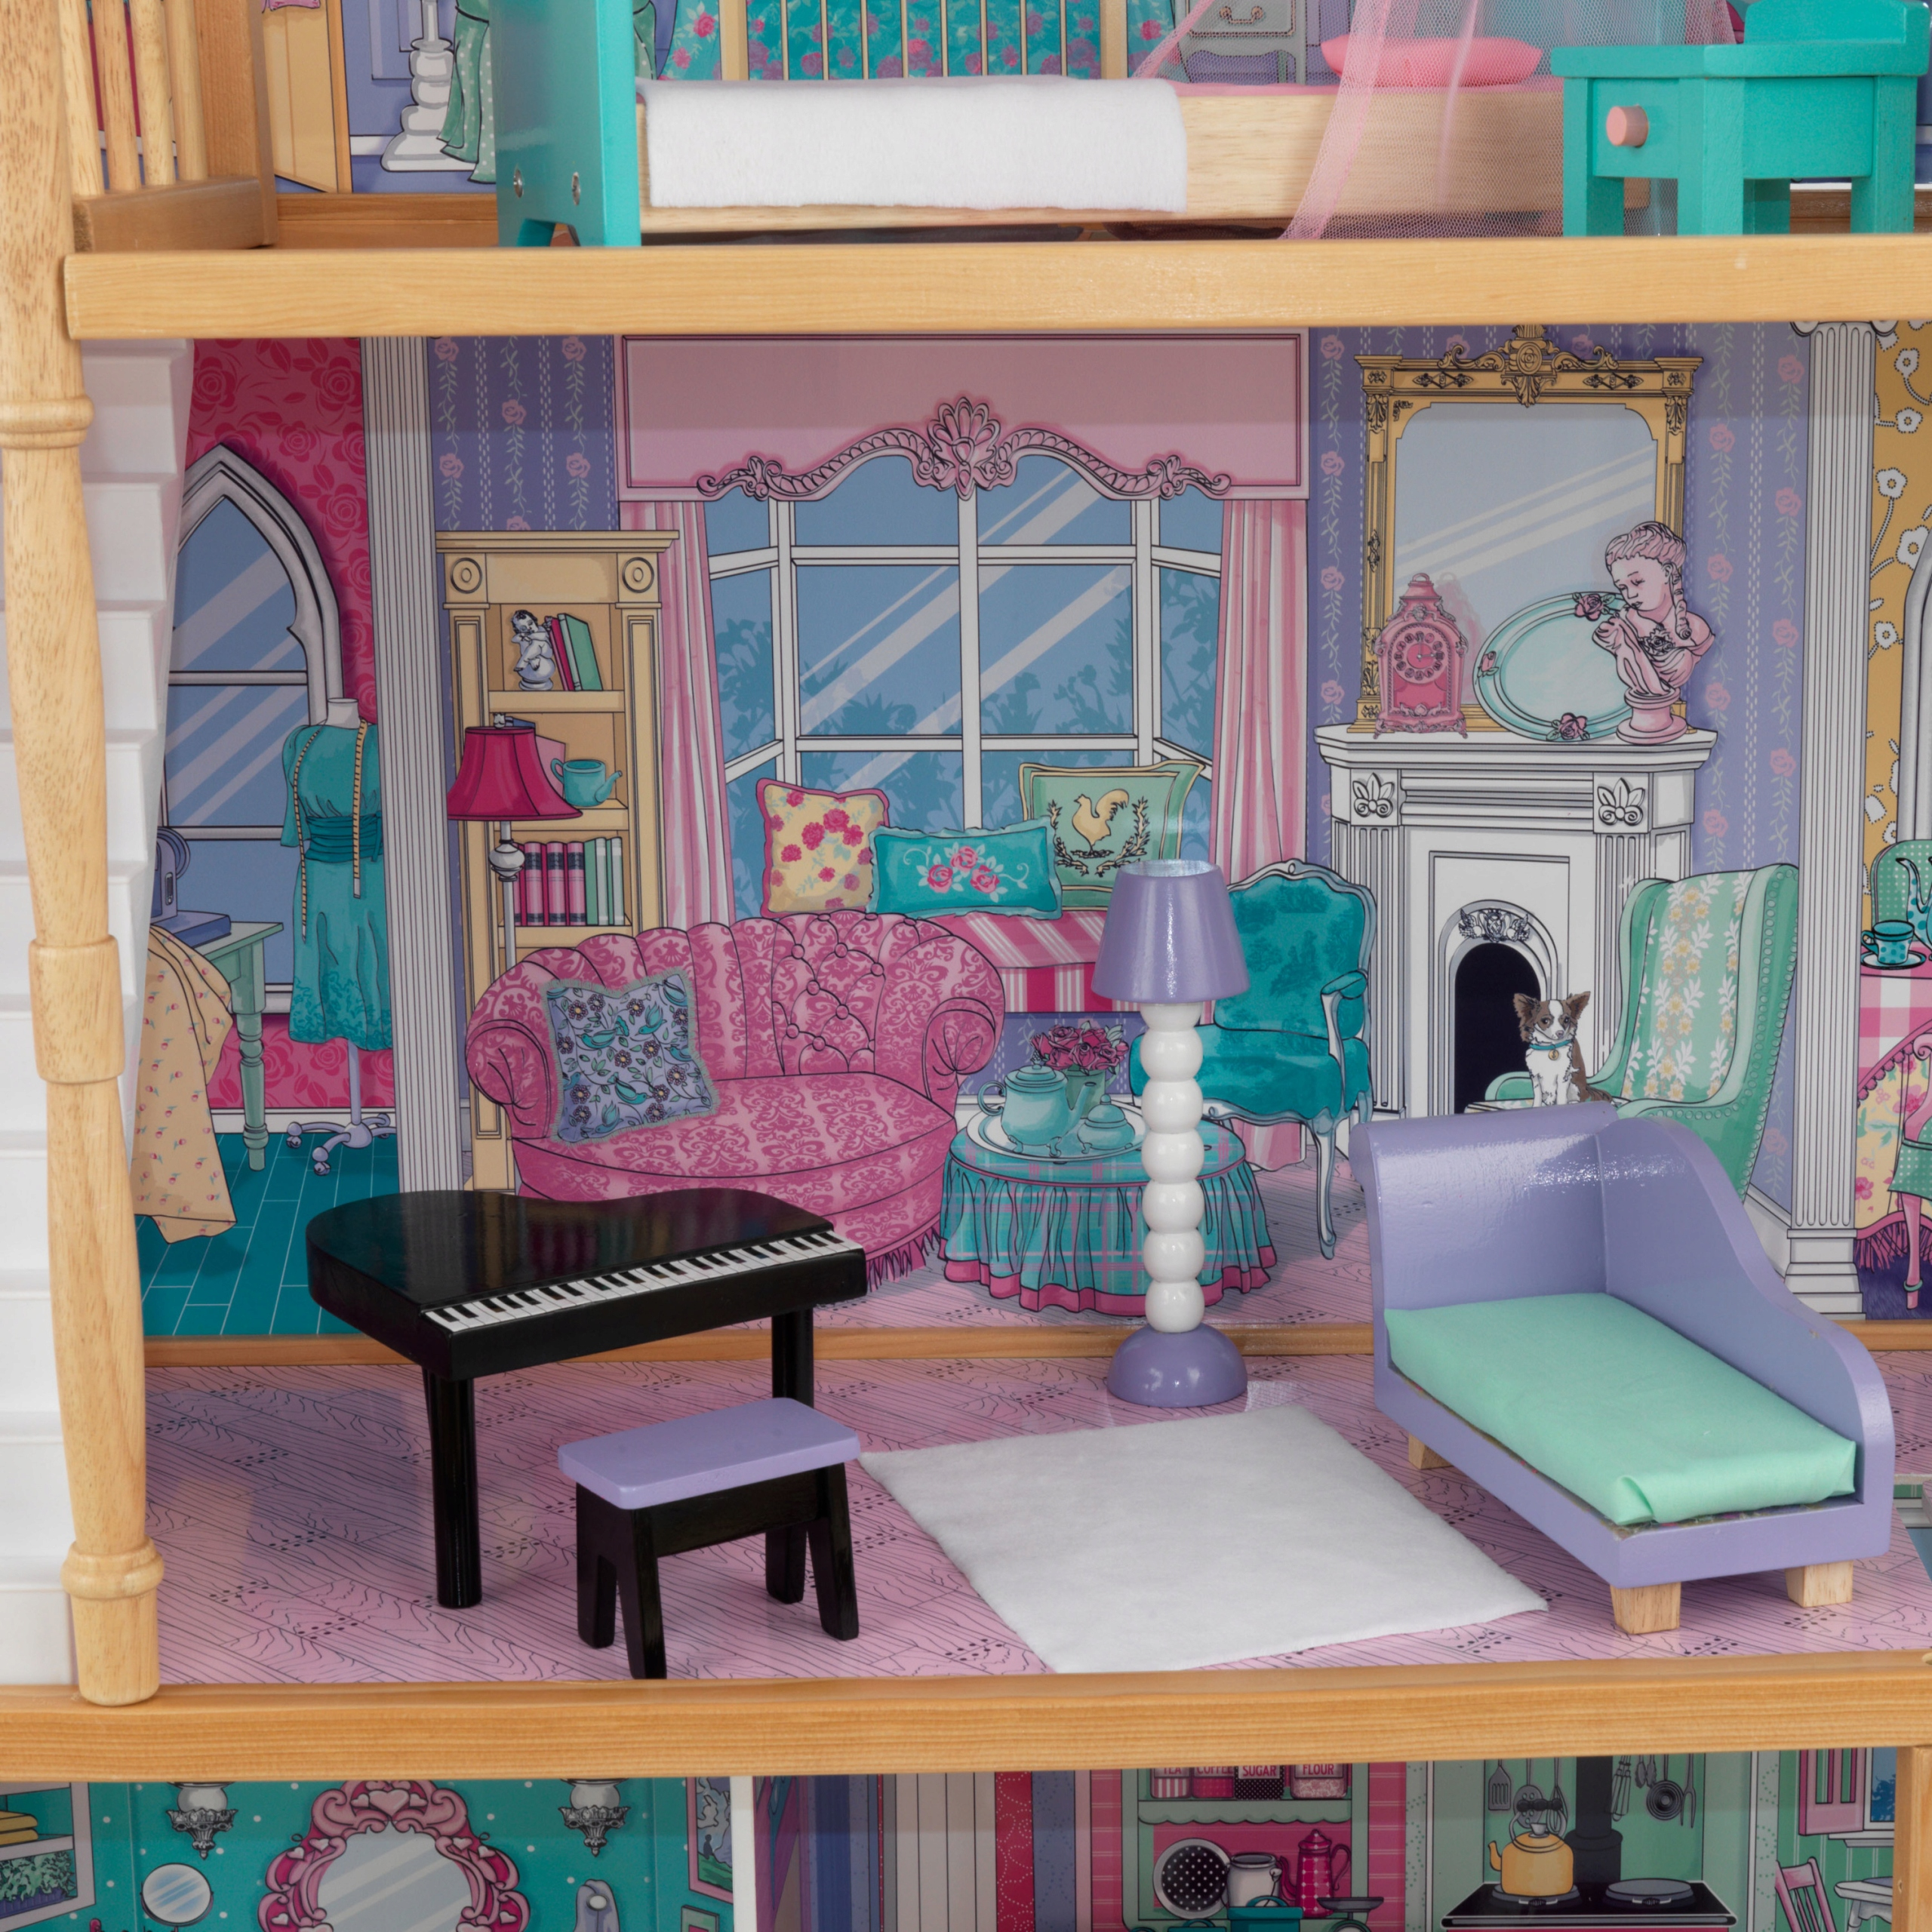 площадку, картинки кукольный домик внутри тем